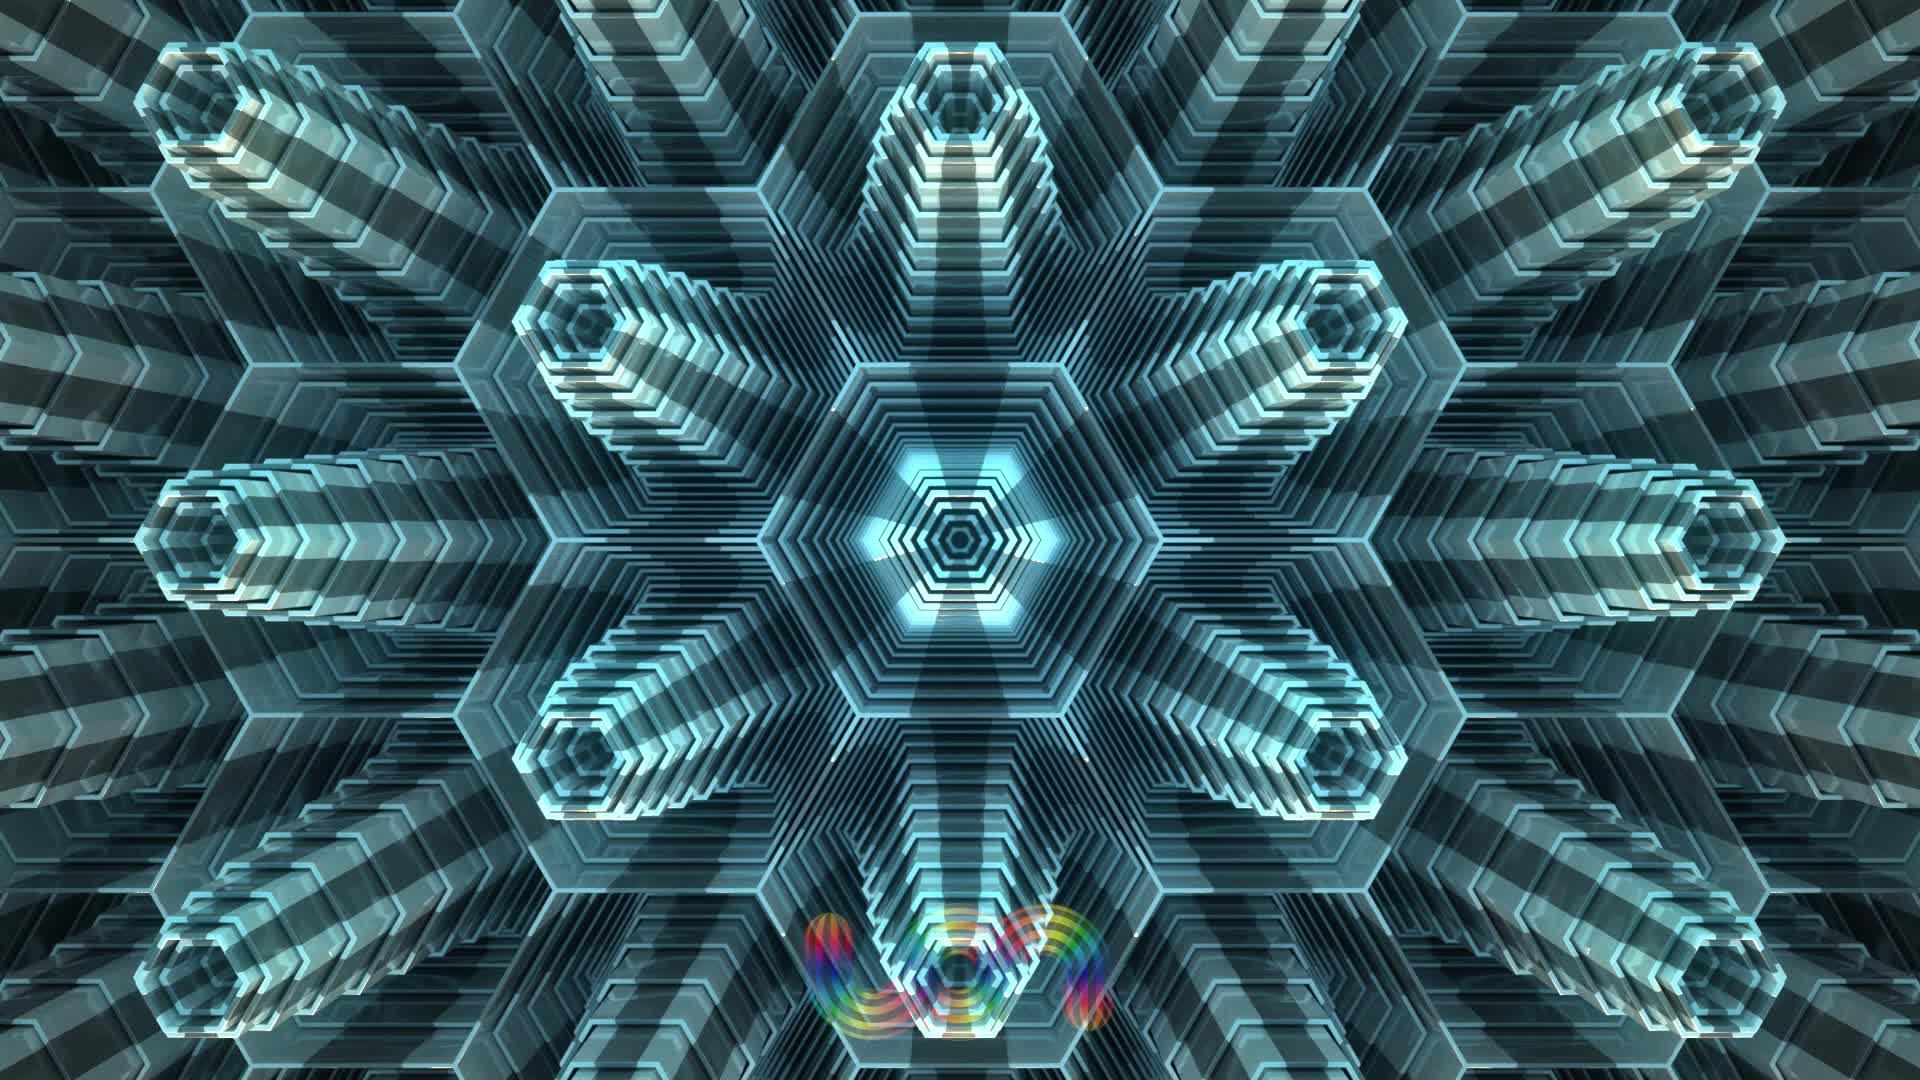 ▷ UON ShinyHilbertDesignScrollUp GIF by uonvisuals - Find